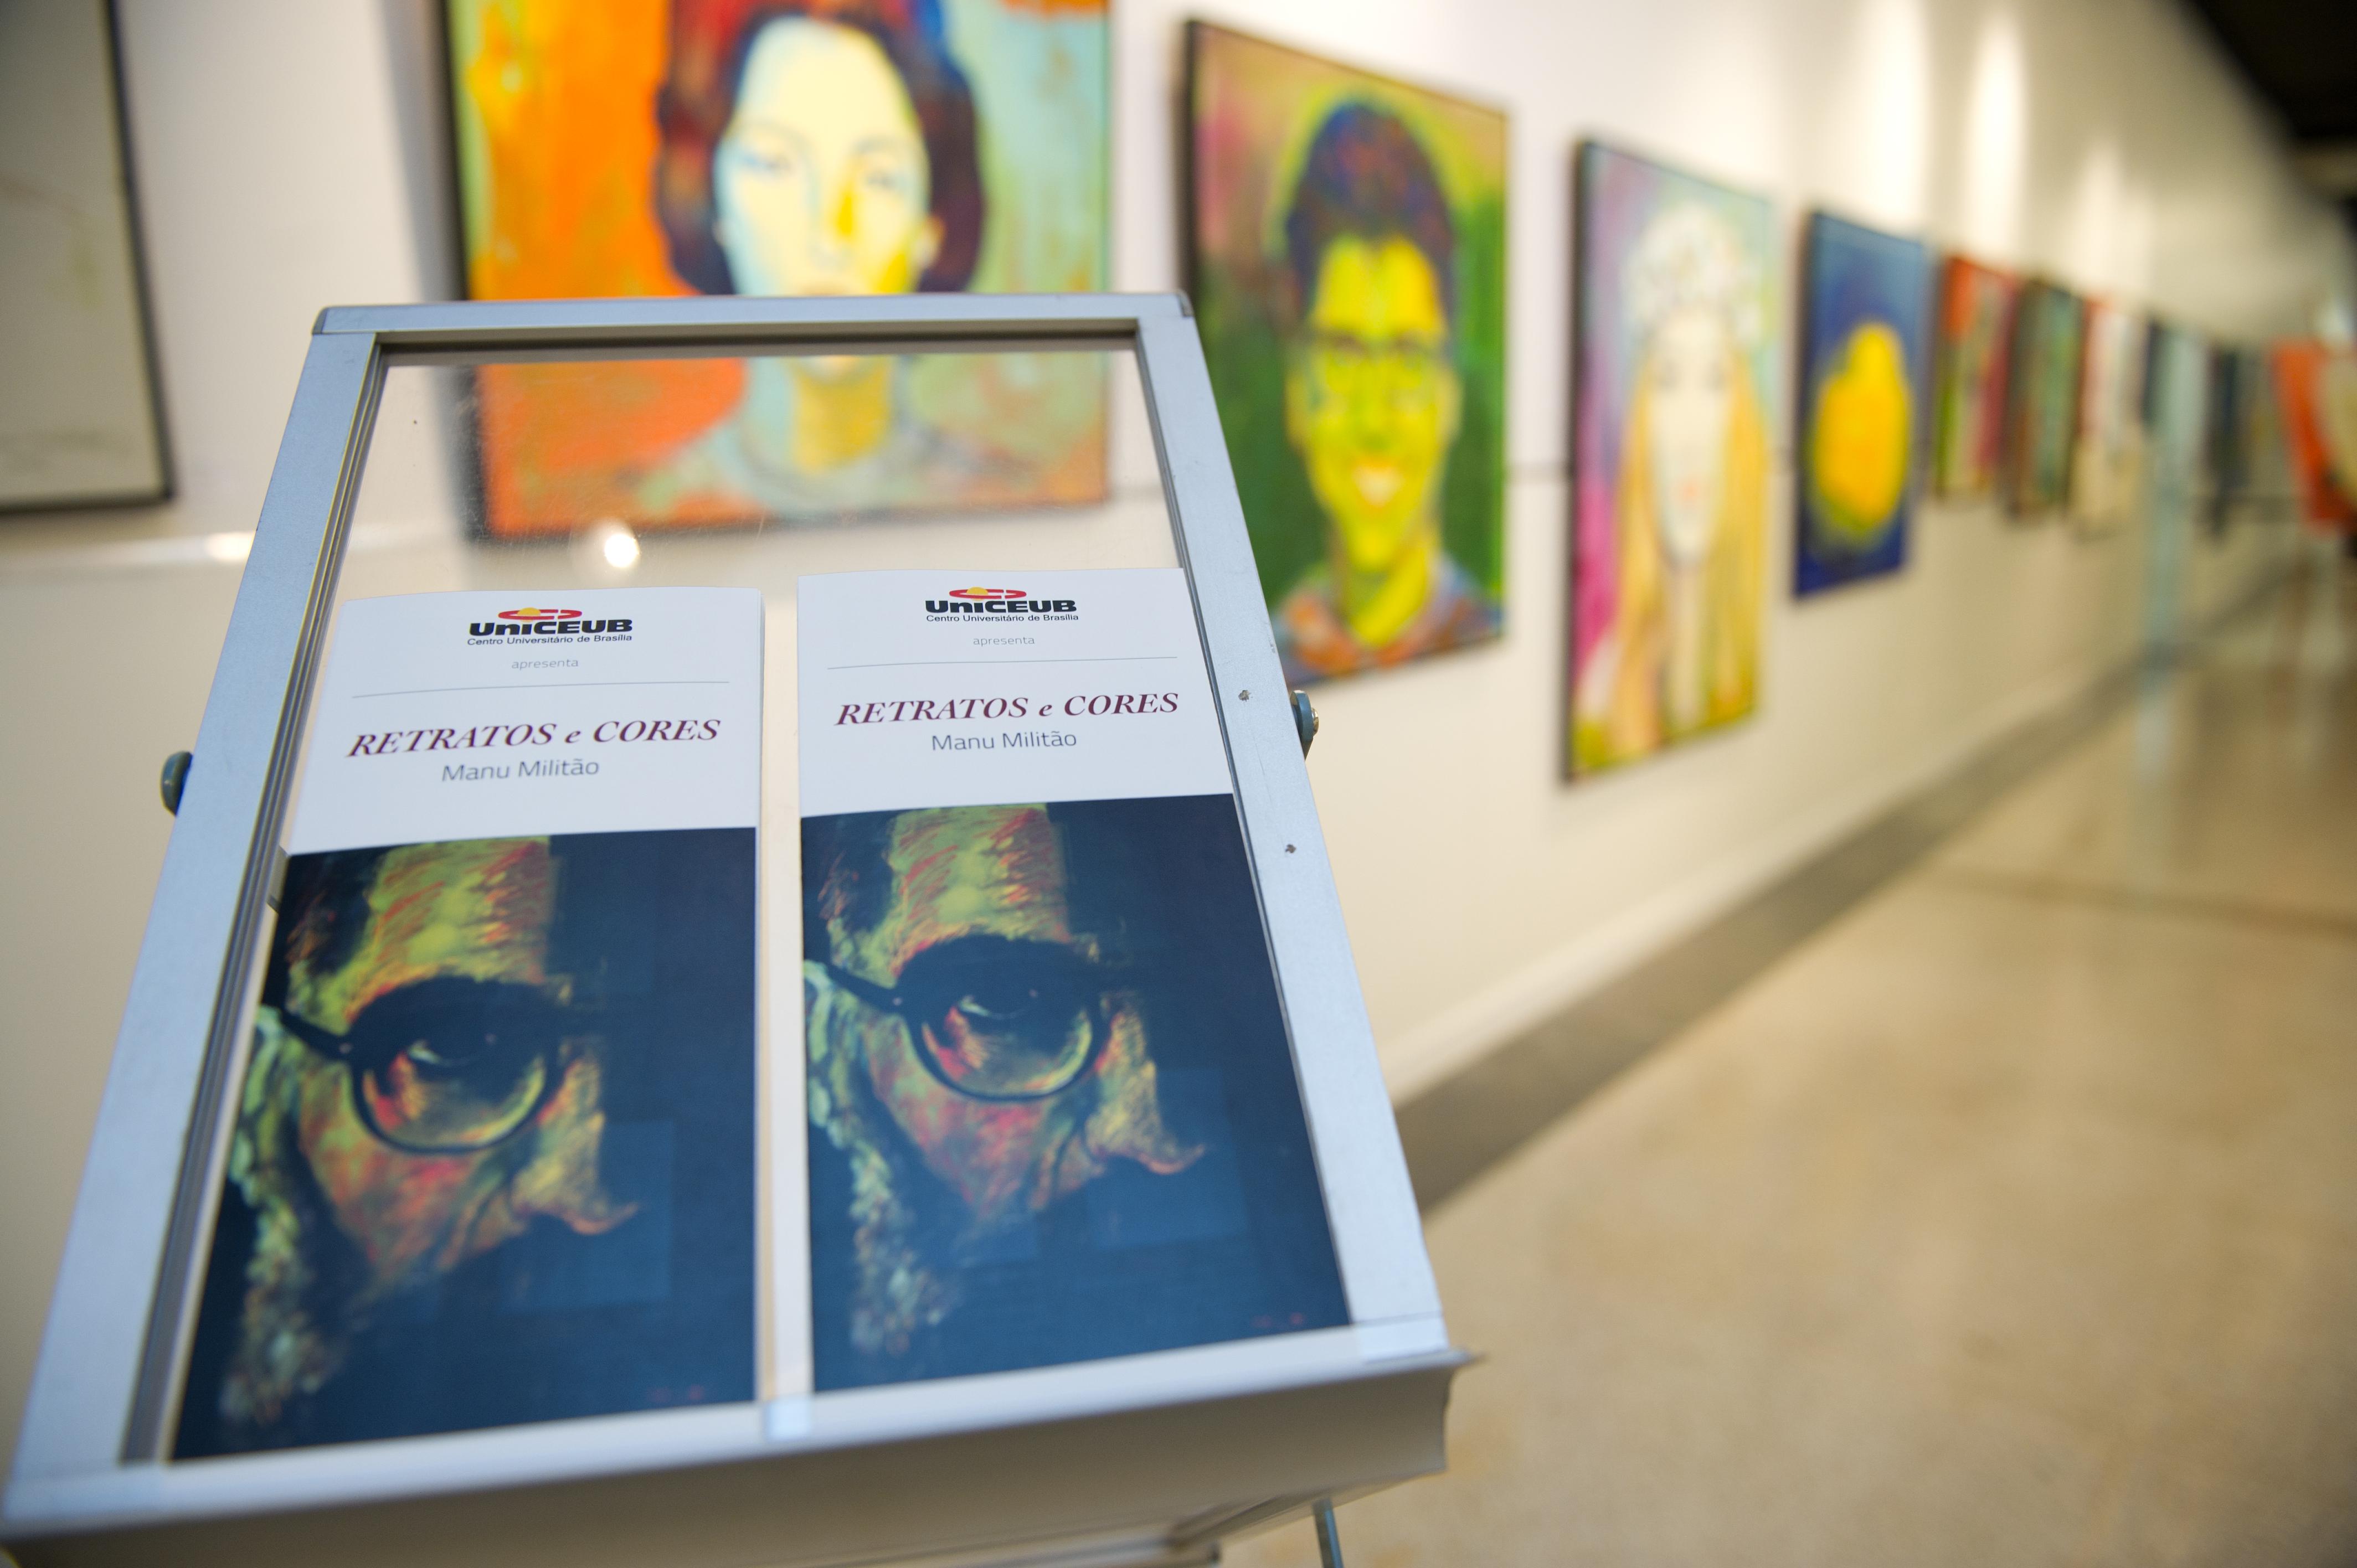 abertura-da-exposio-retratos-e-cores_337